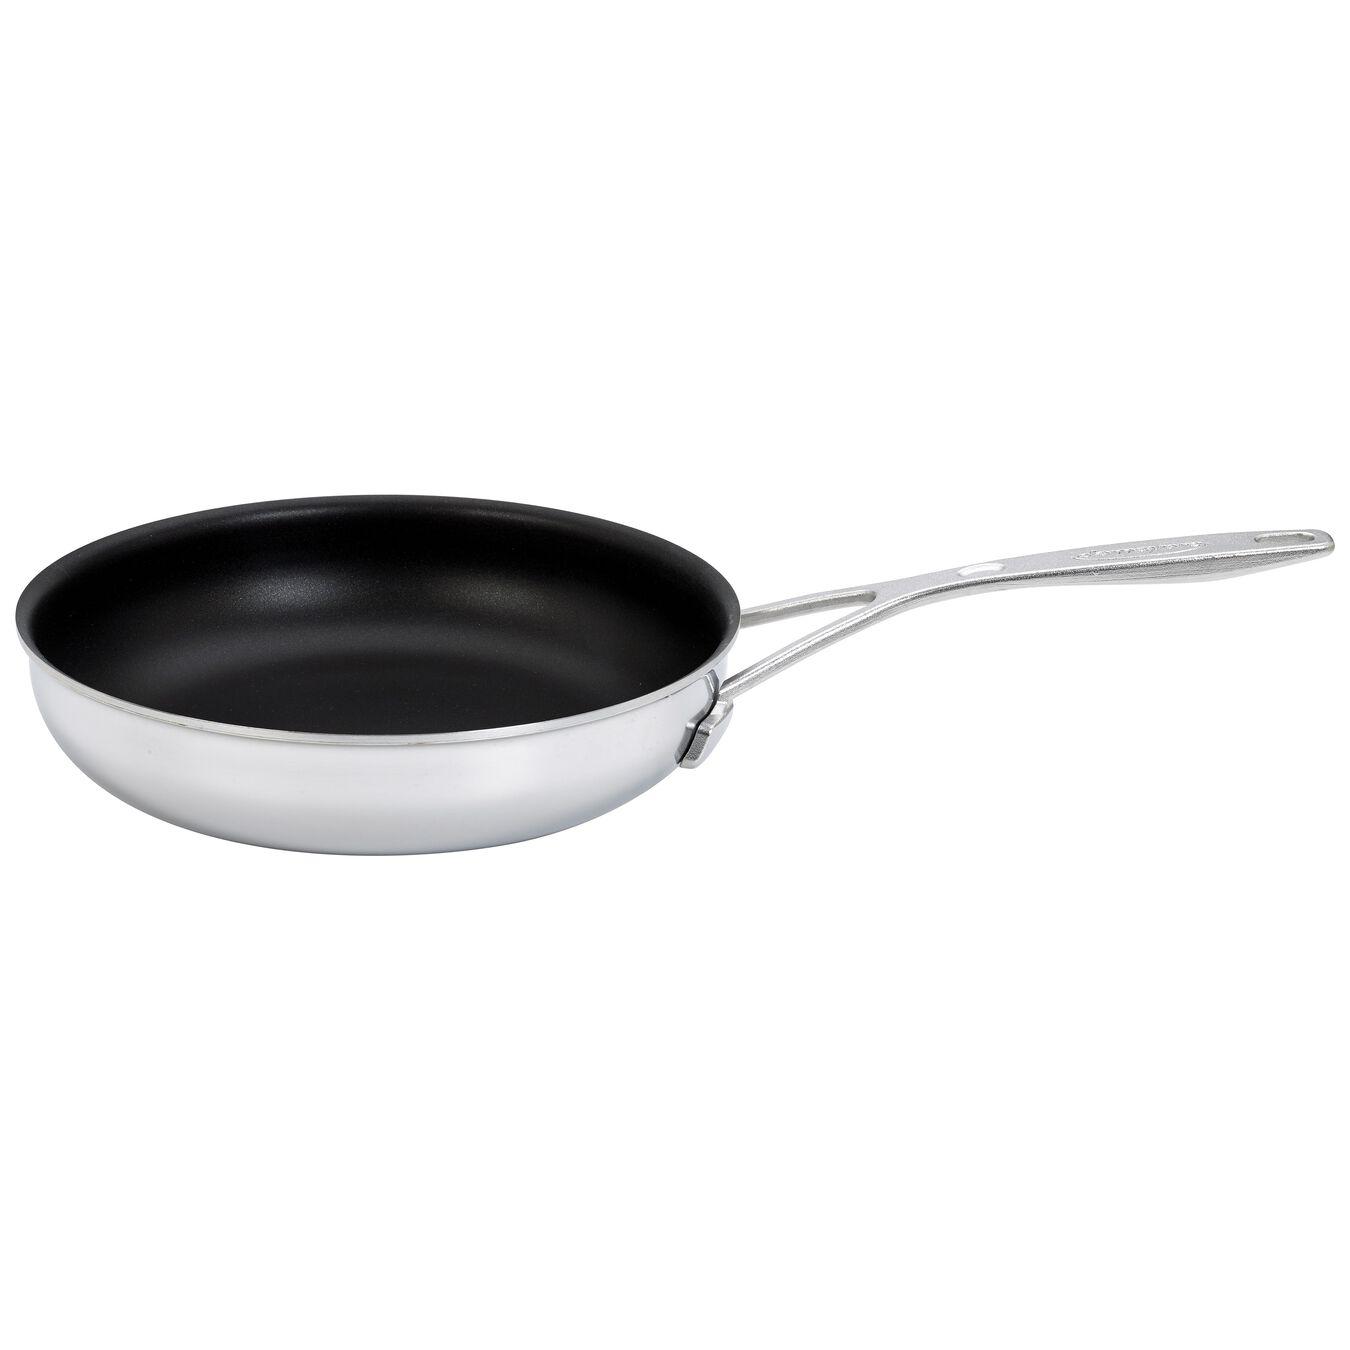 Poêle 20 cm, Inox 18/10, Silver-Black,,large 1